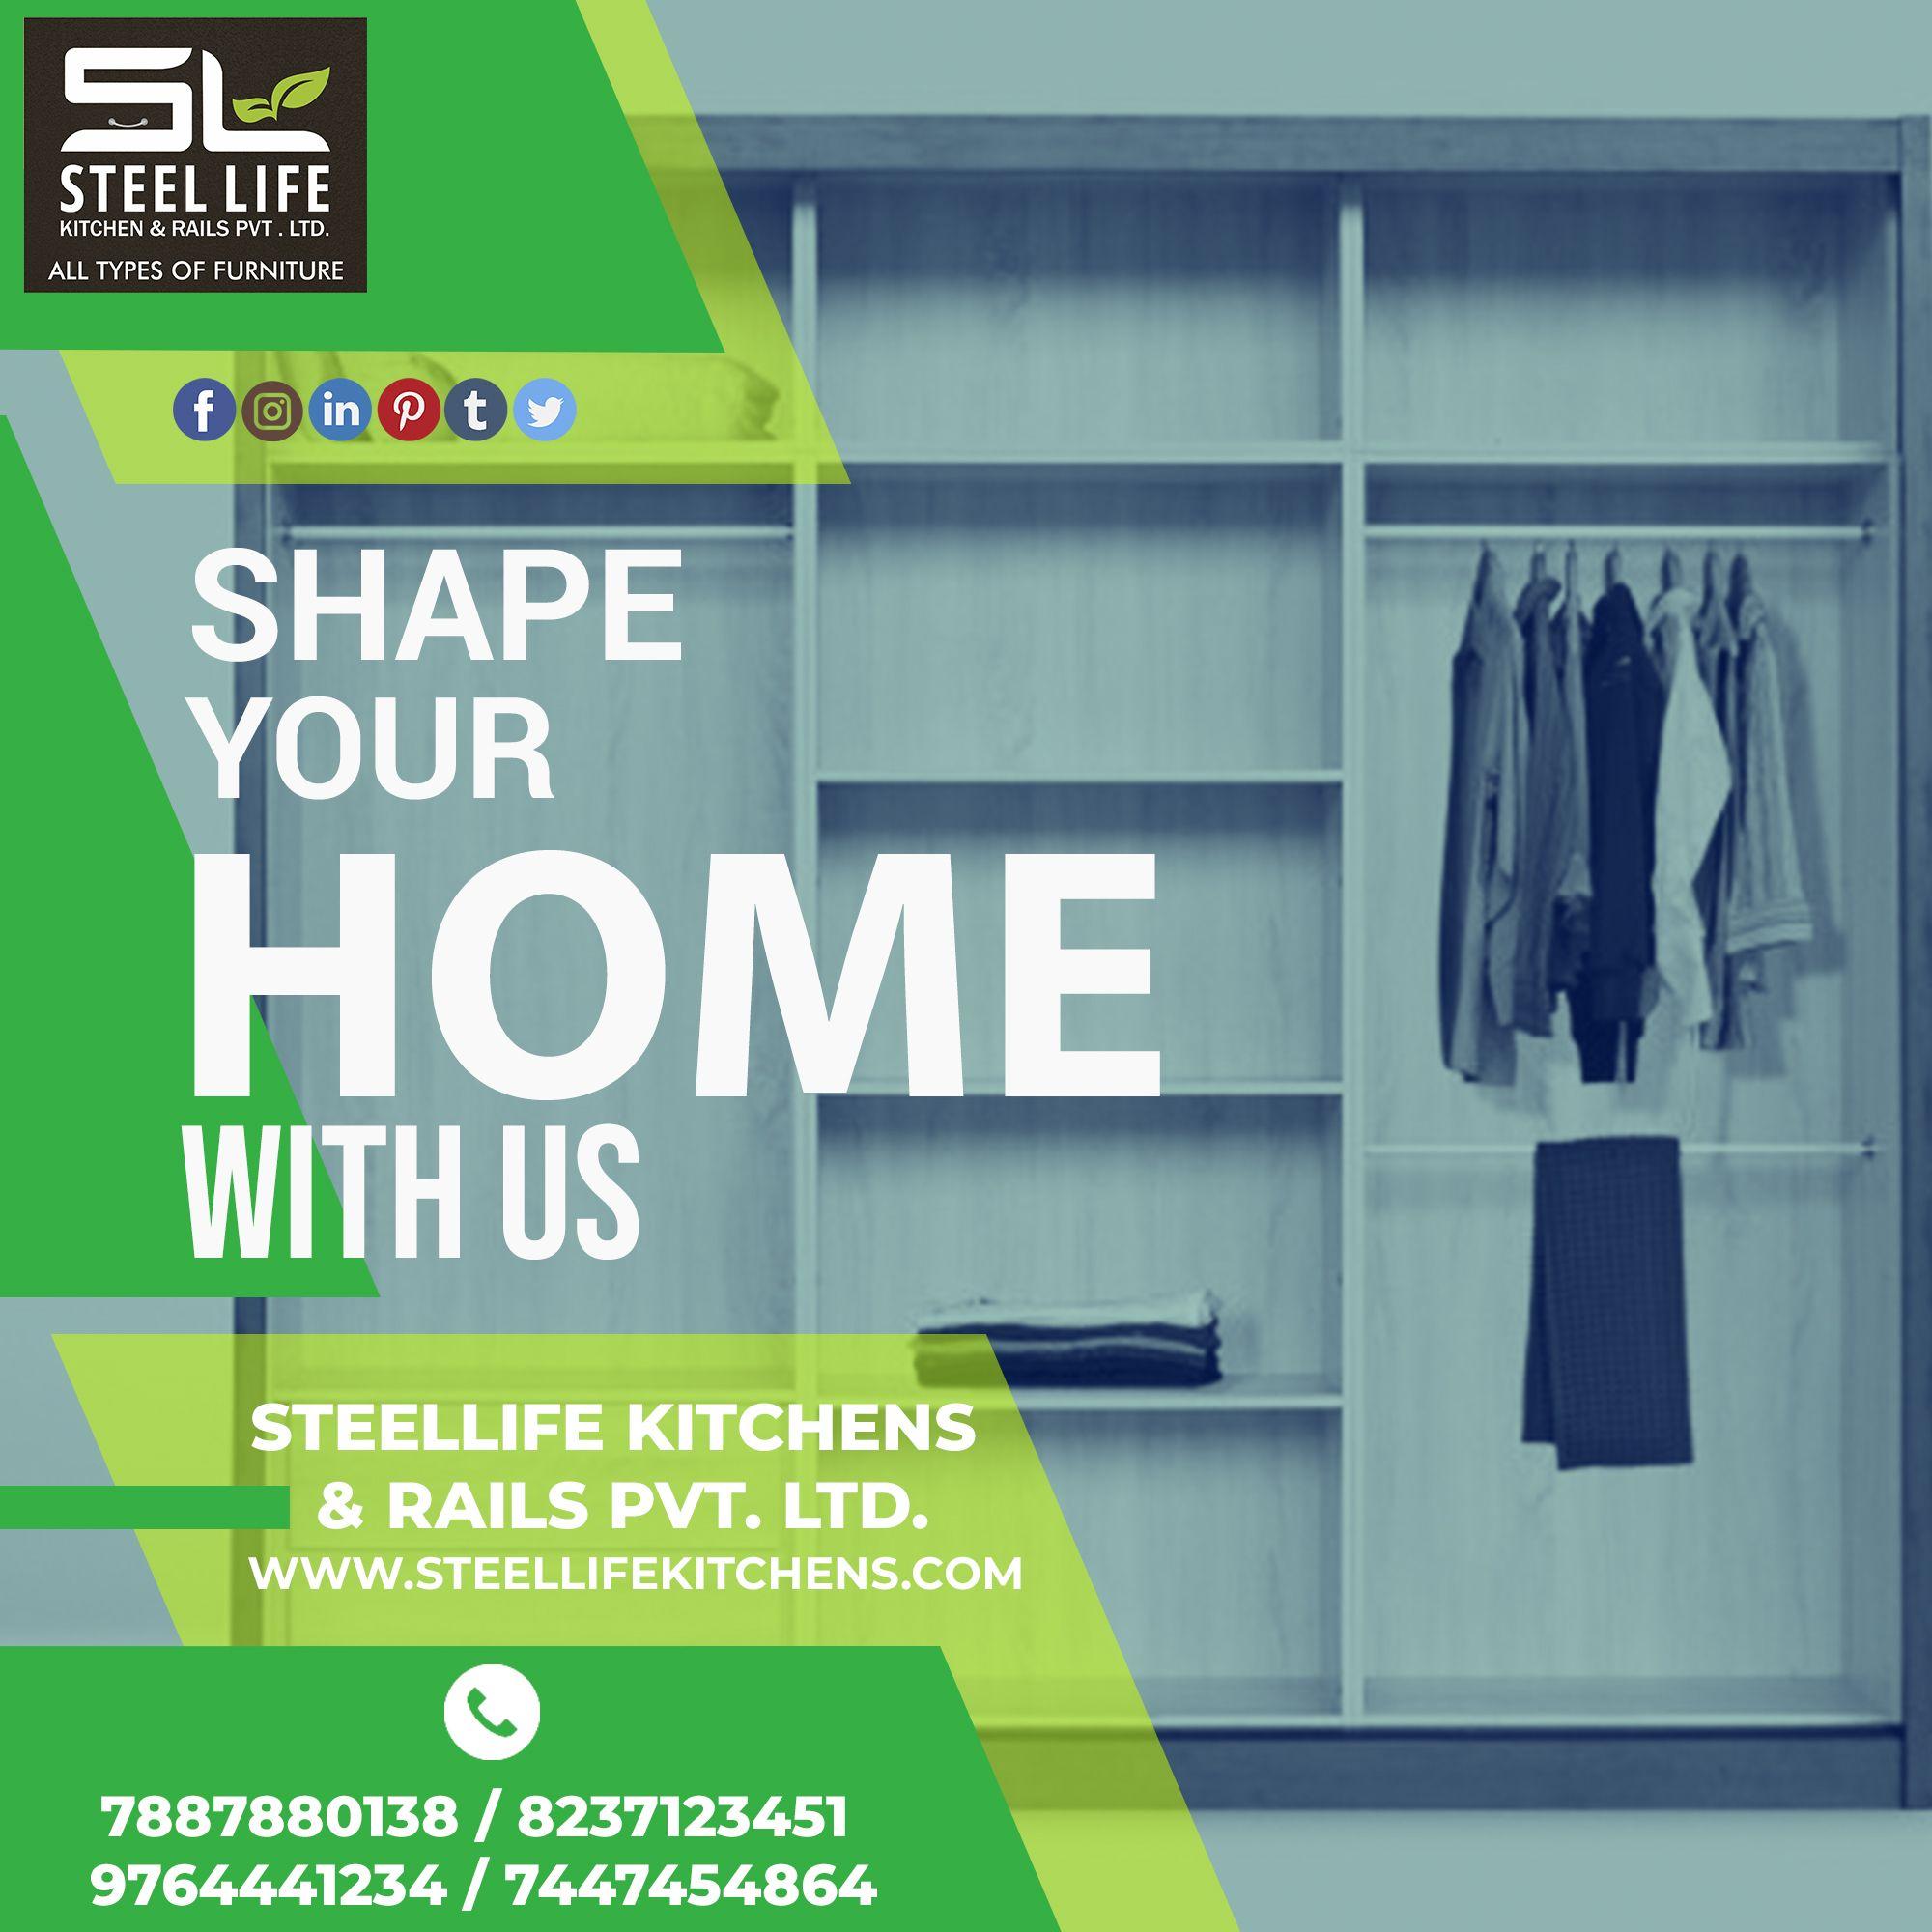 Steel Life Kitchens & Rails Pvt. Ltd. Make A Perfect